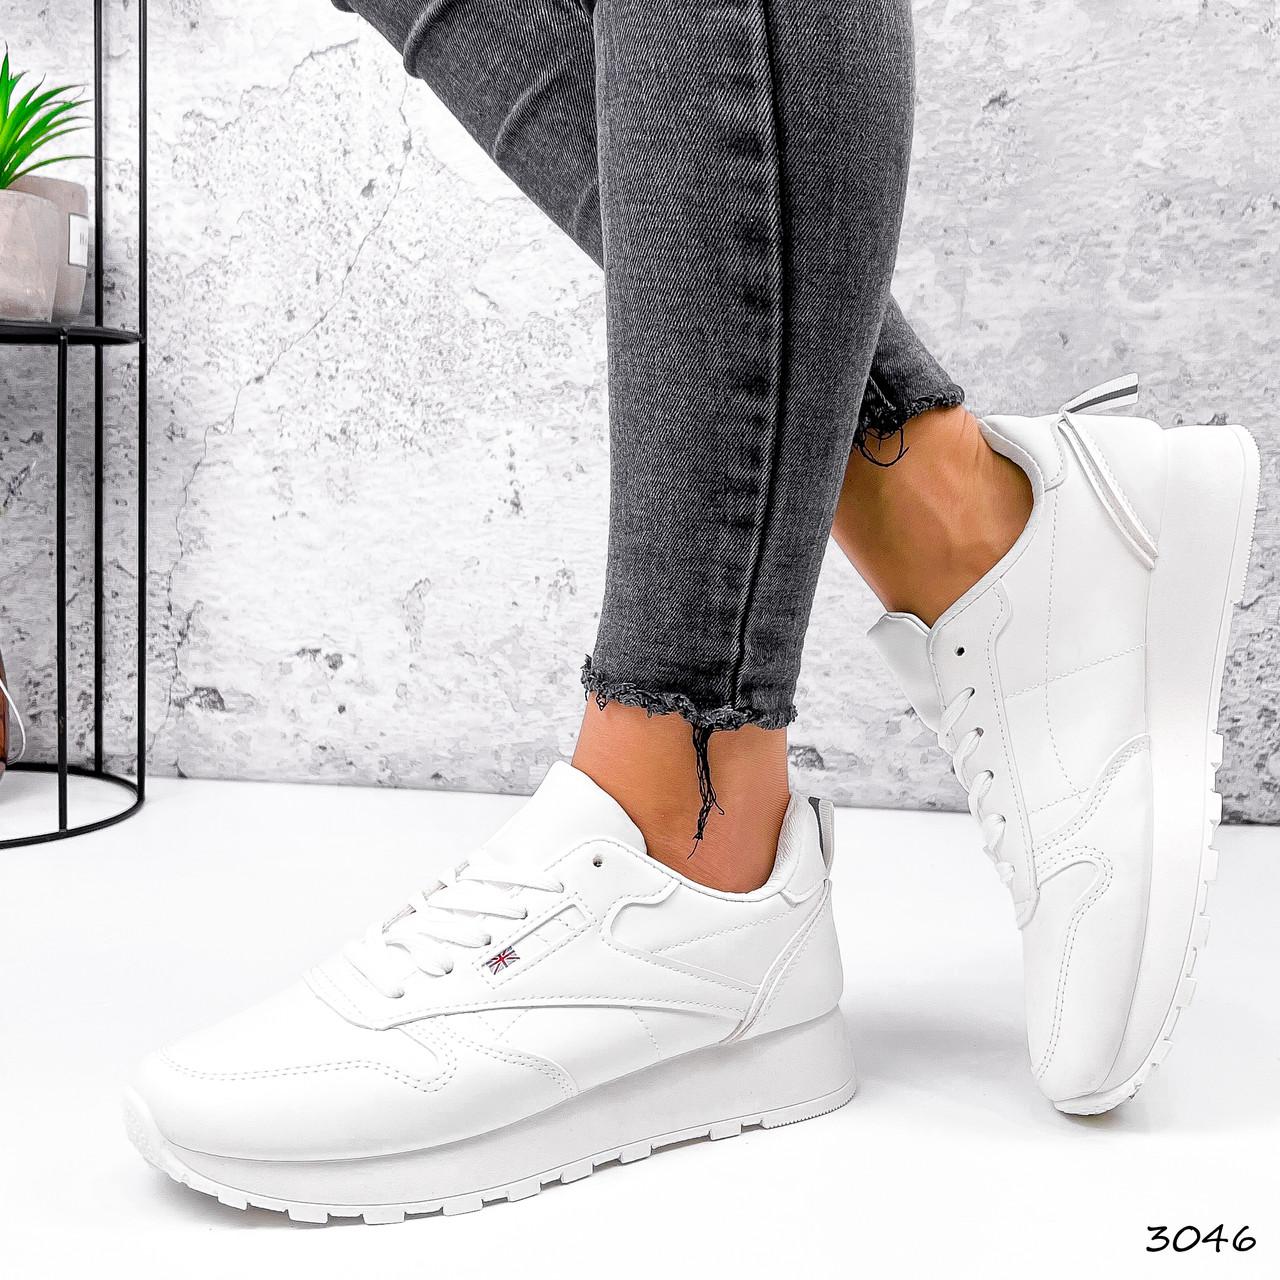 Кроссовки женские Rio белые 3046